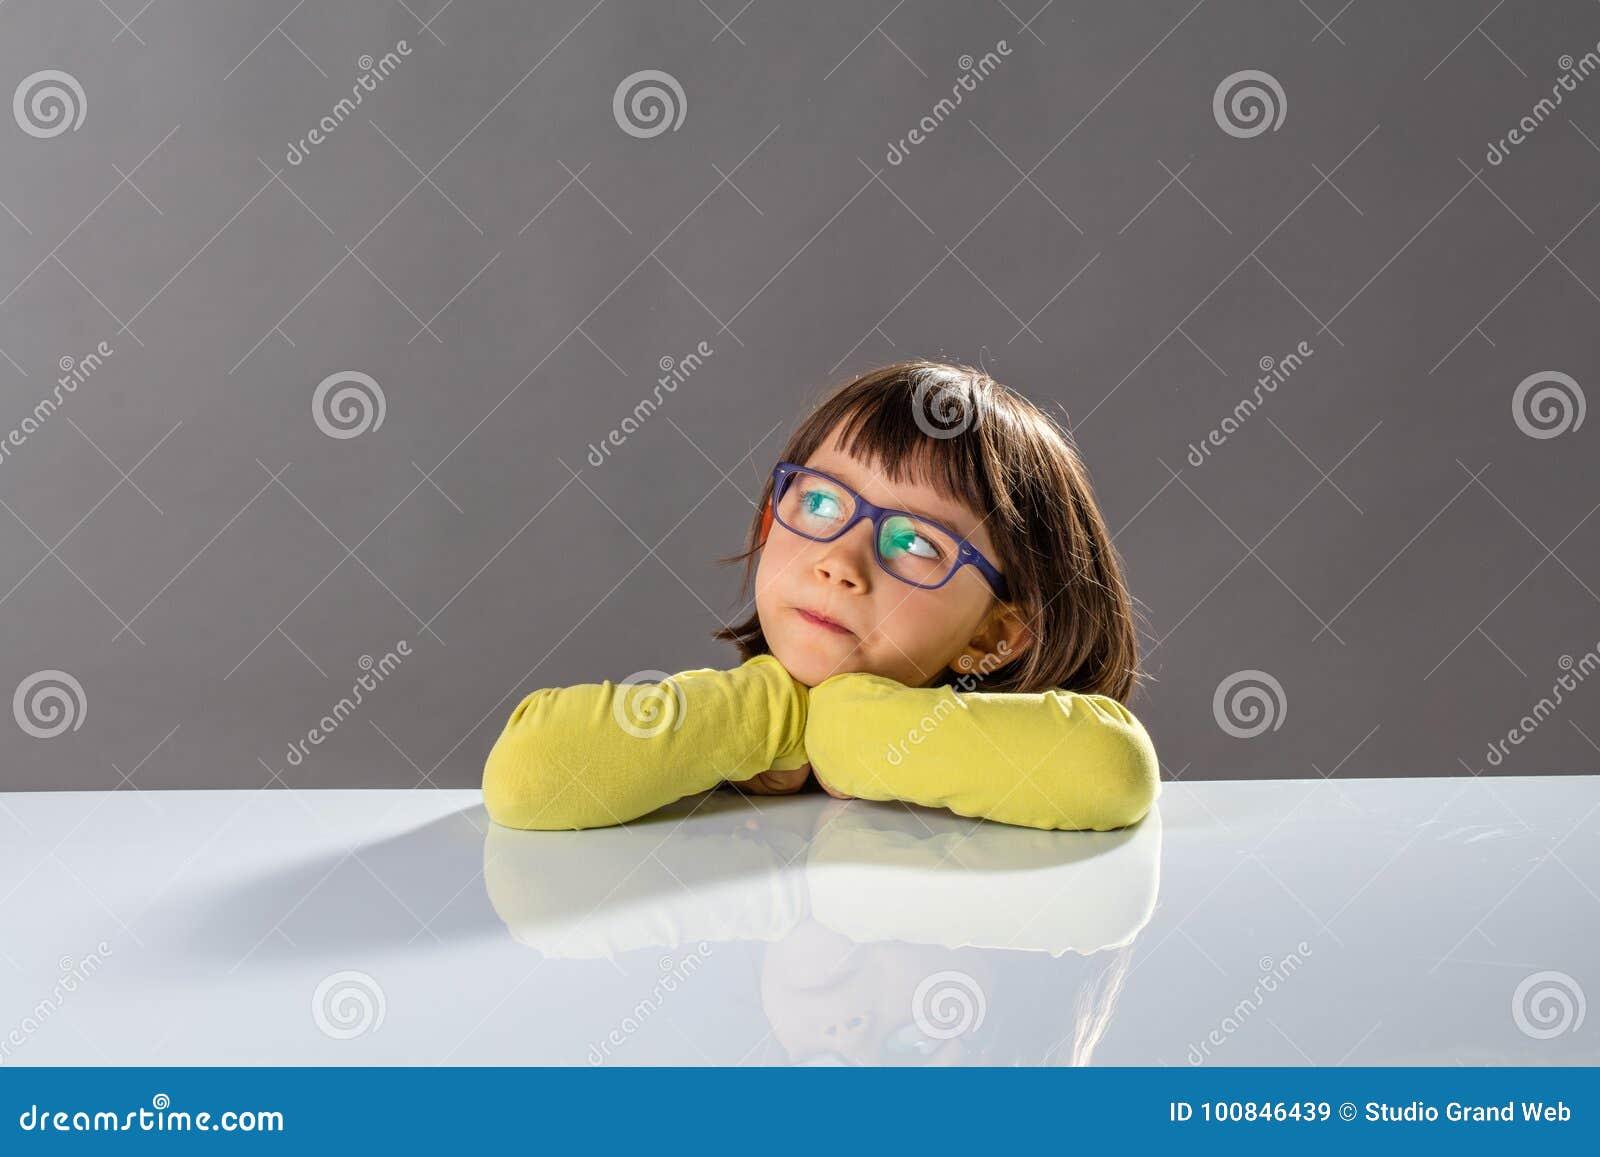 Scherzen Sie das kritische Denken mit ernstem kleinem Kind und begabten Gedanken